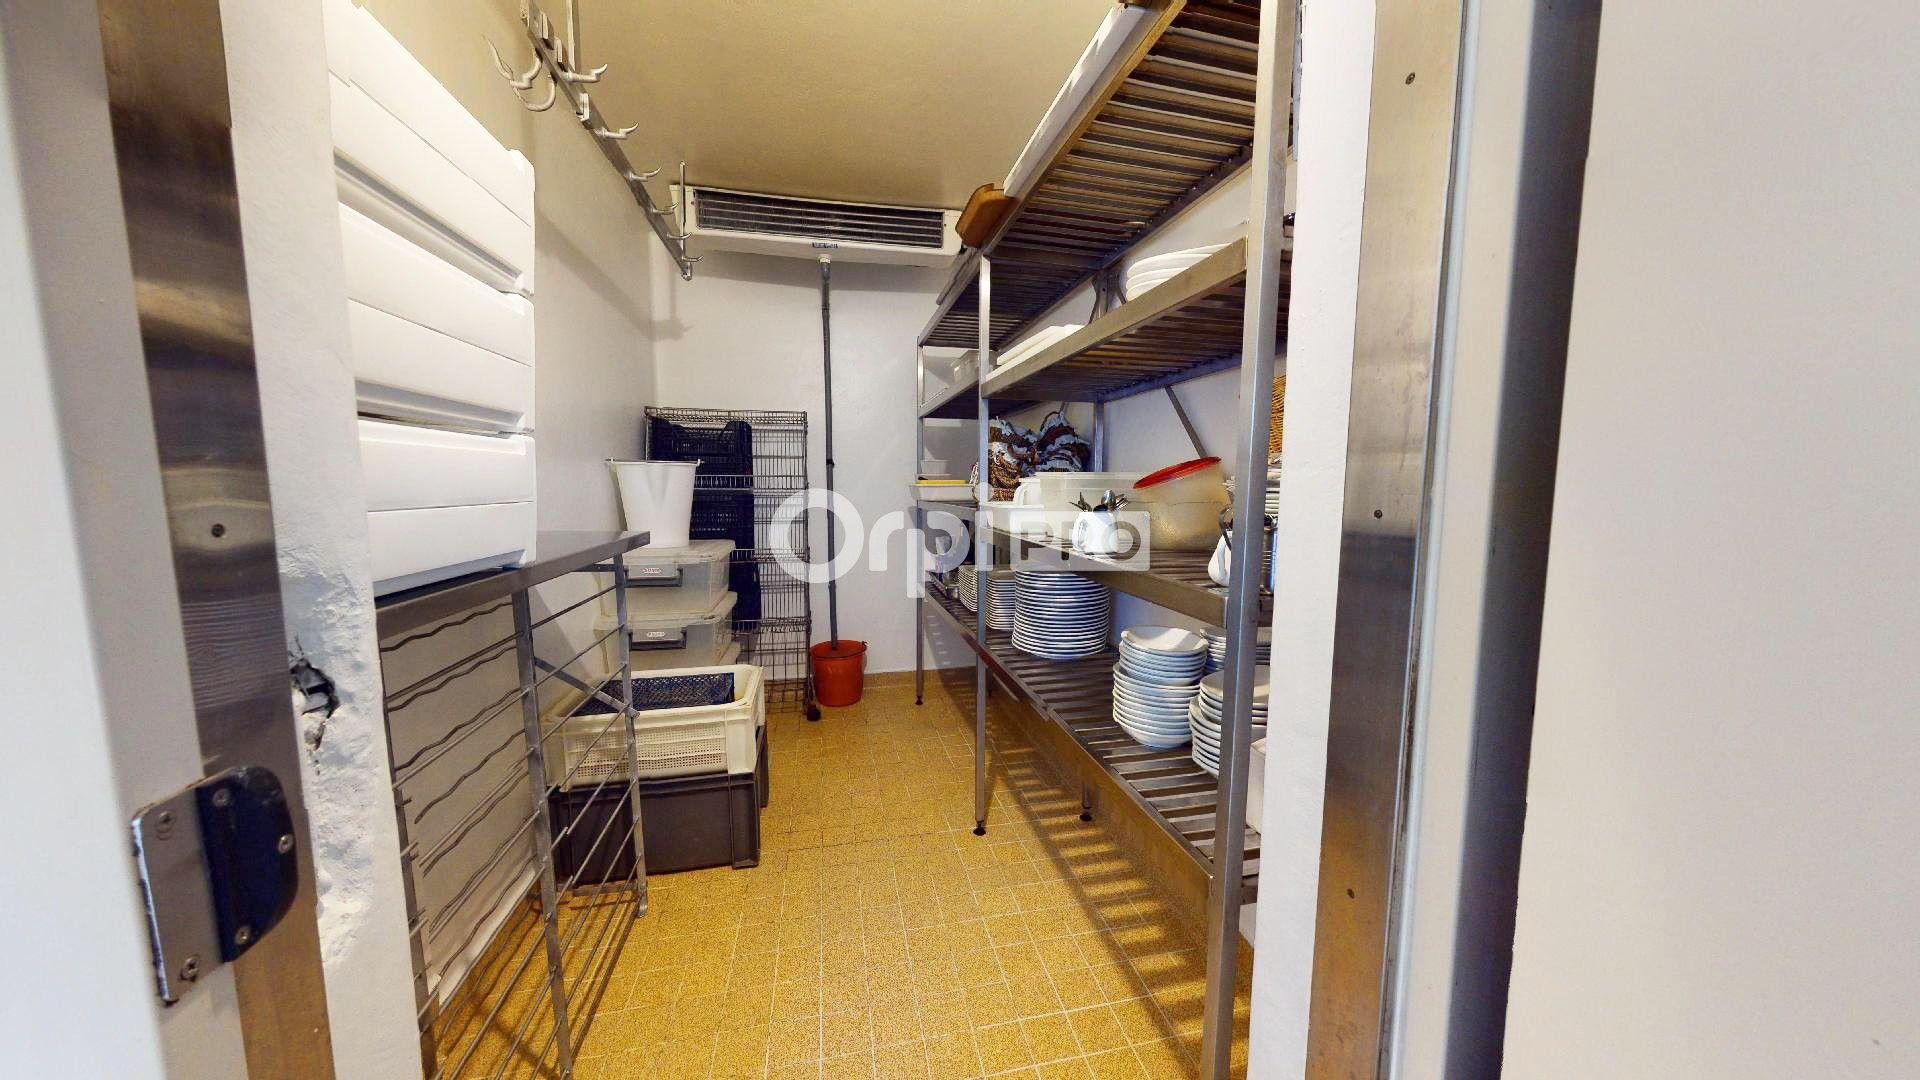 Fonds de commerce à vendre 0 396.03m2 à Villars-les-Dombes vignette-8